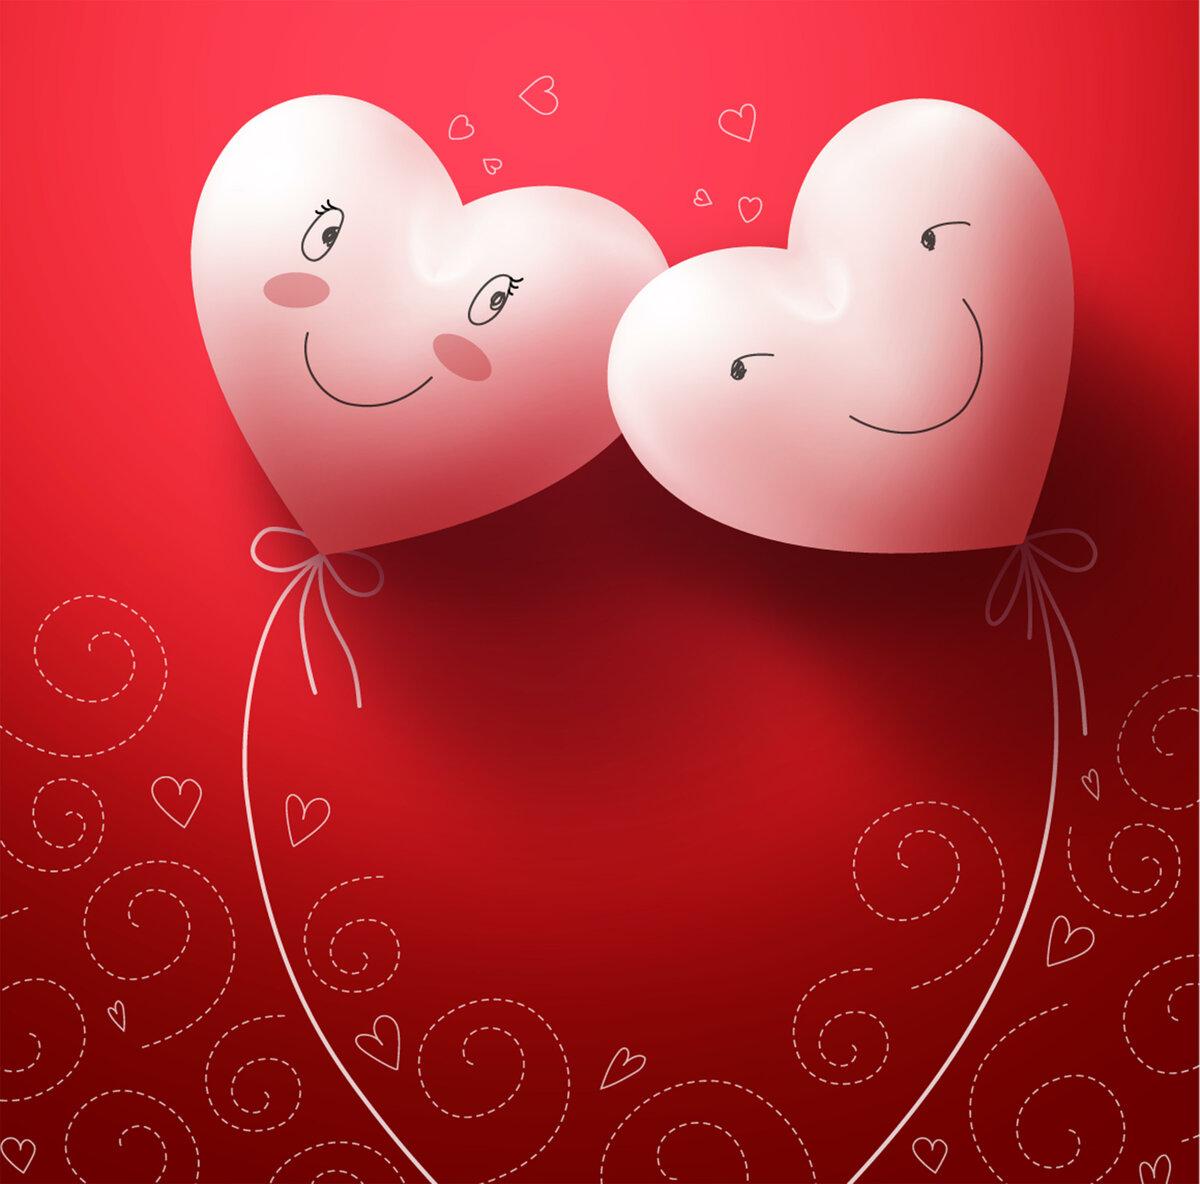 Картинки для любимой валентинки